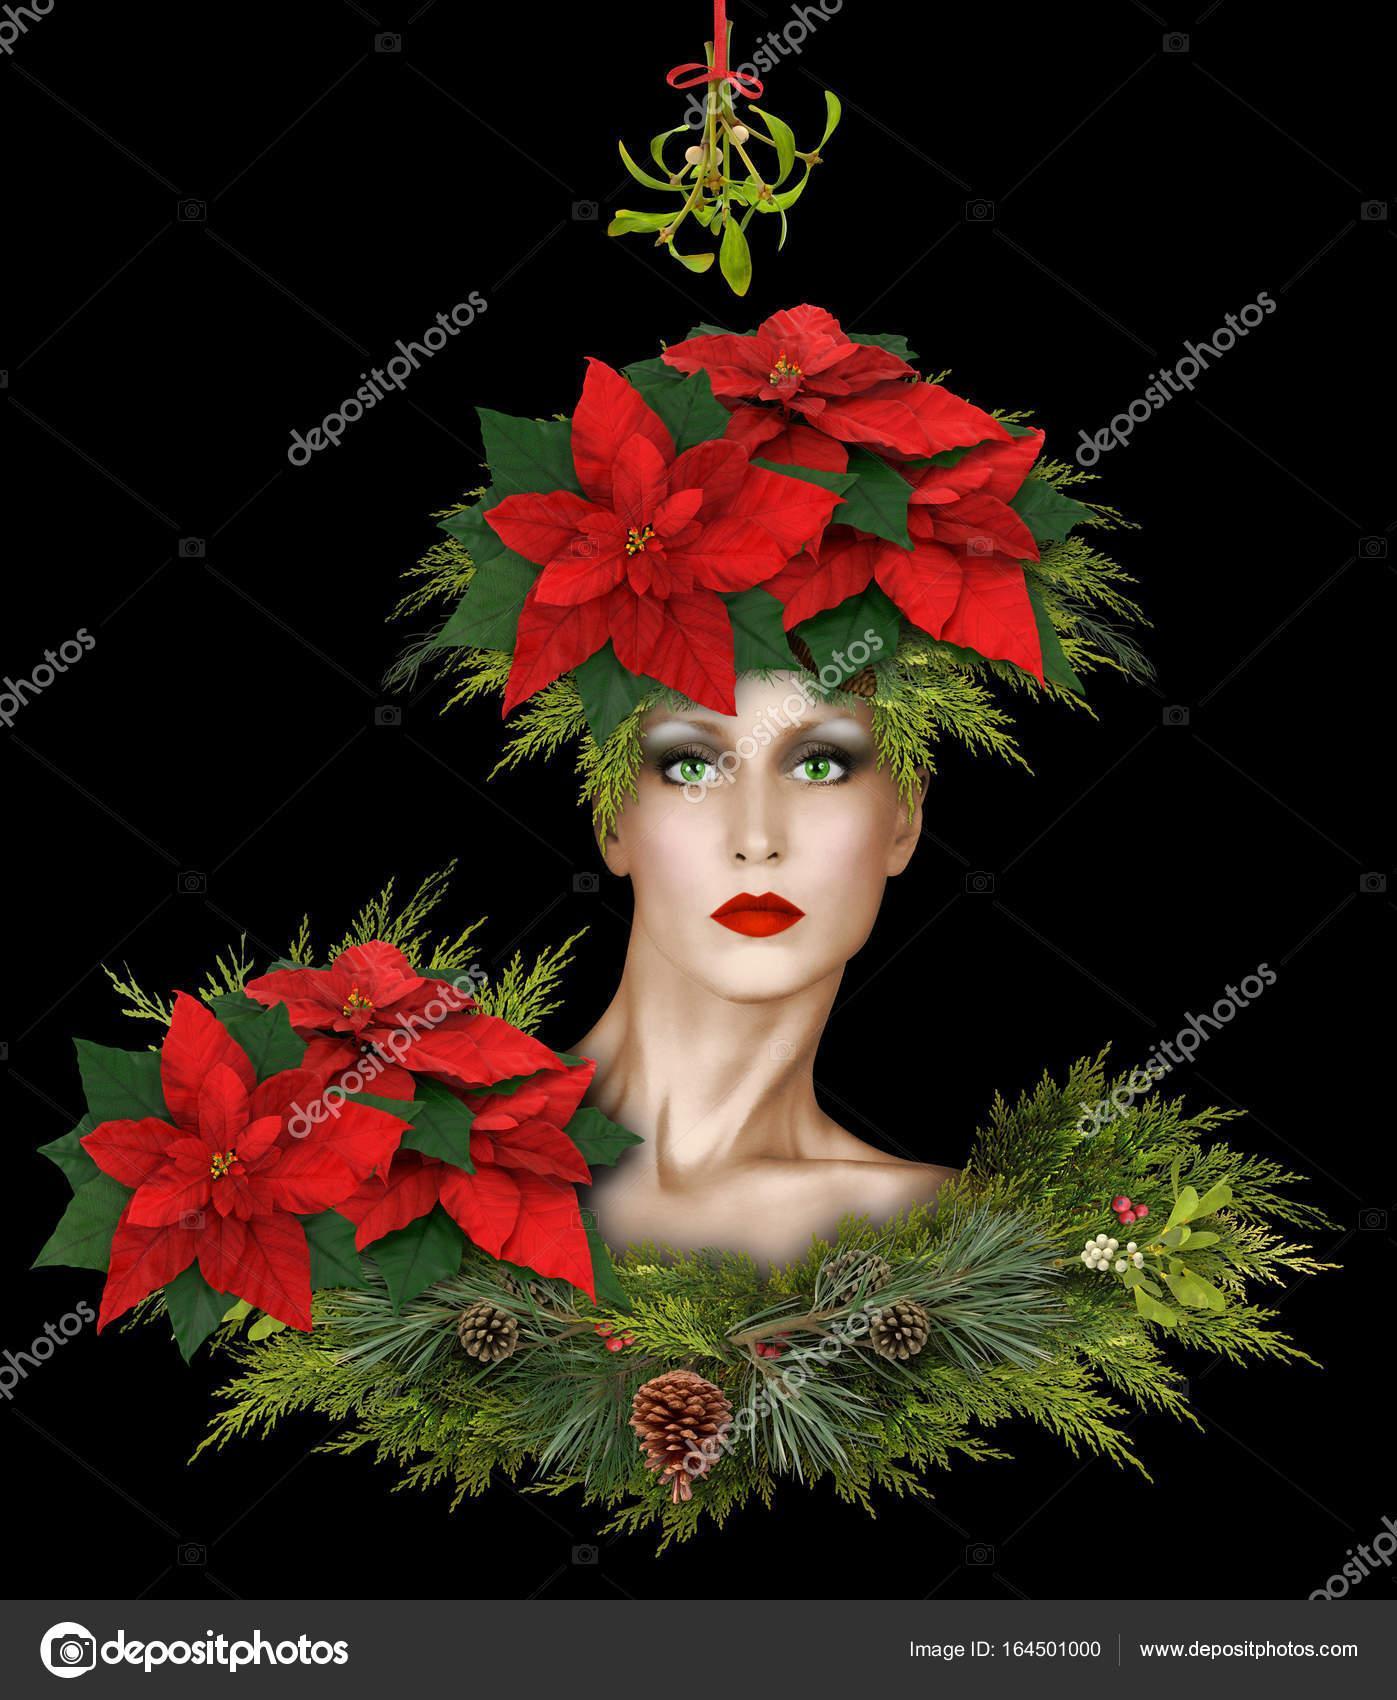 Weihnachten Mit Fantasy.Mode Weihnachten Fantasy Mit Mistel Und Weihnachtssterne Stockfoto